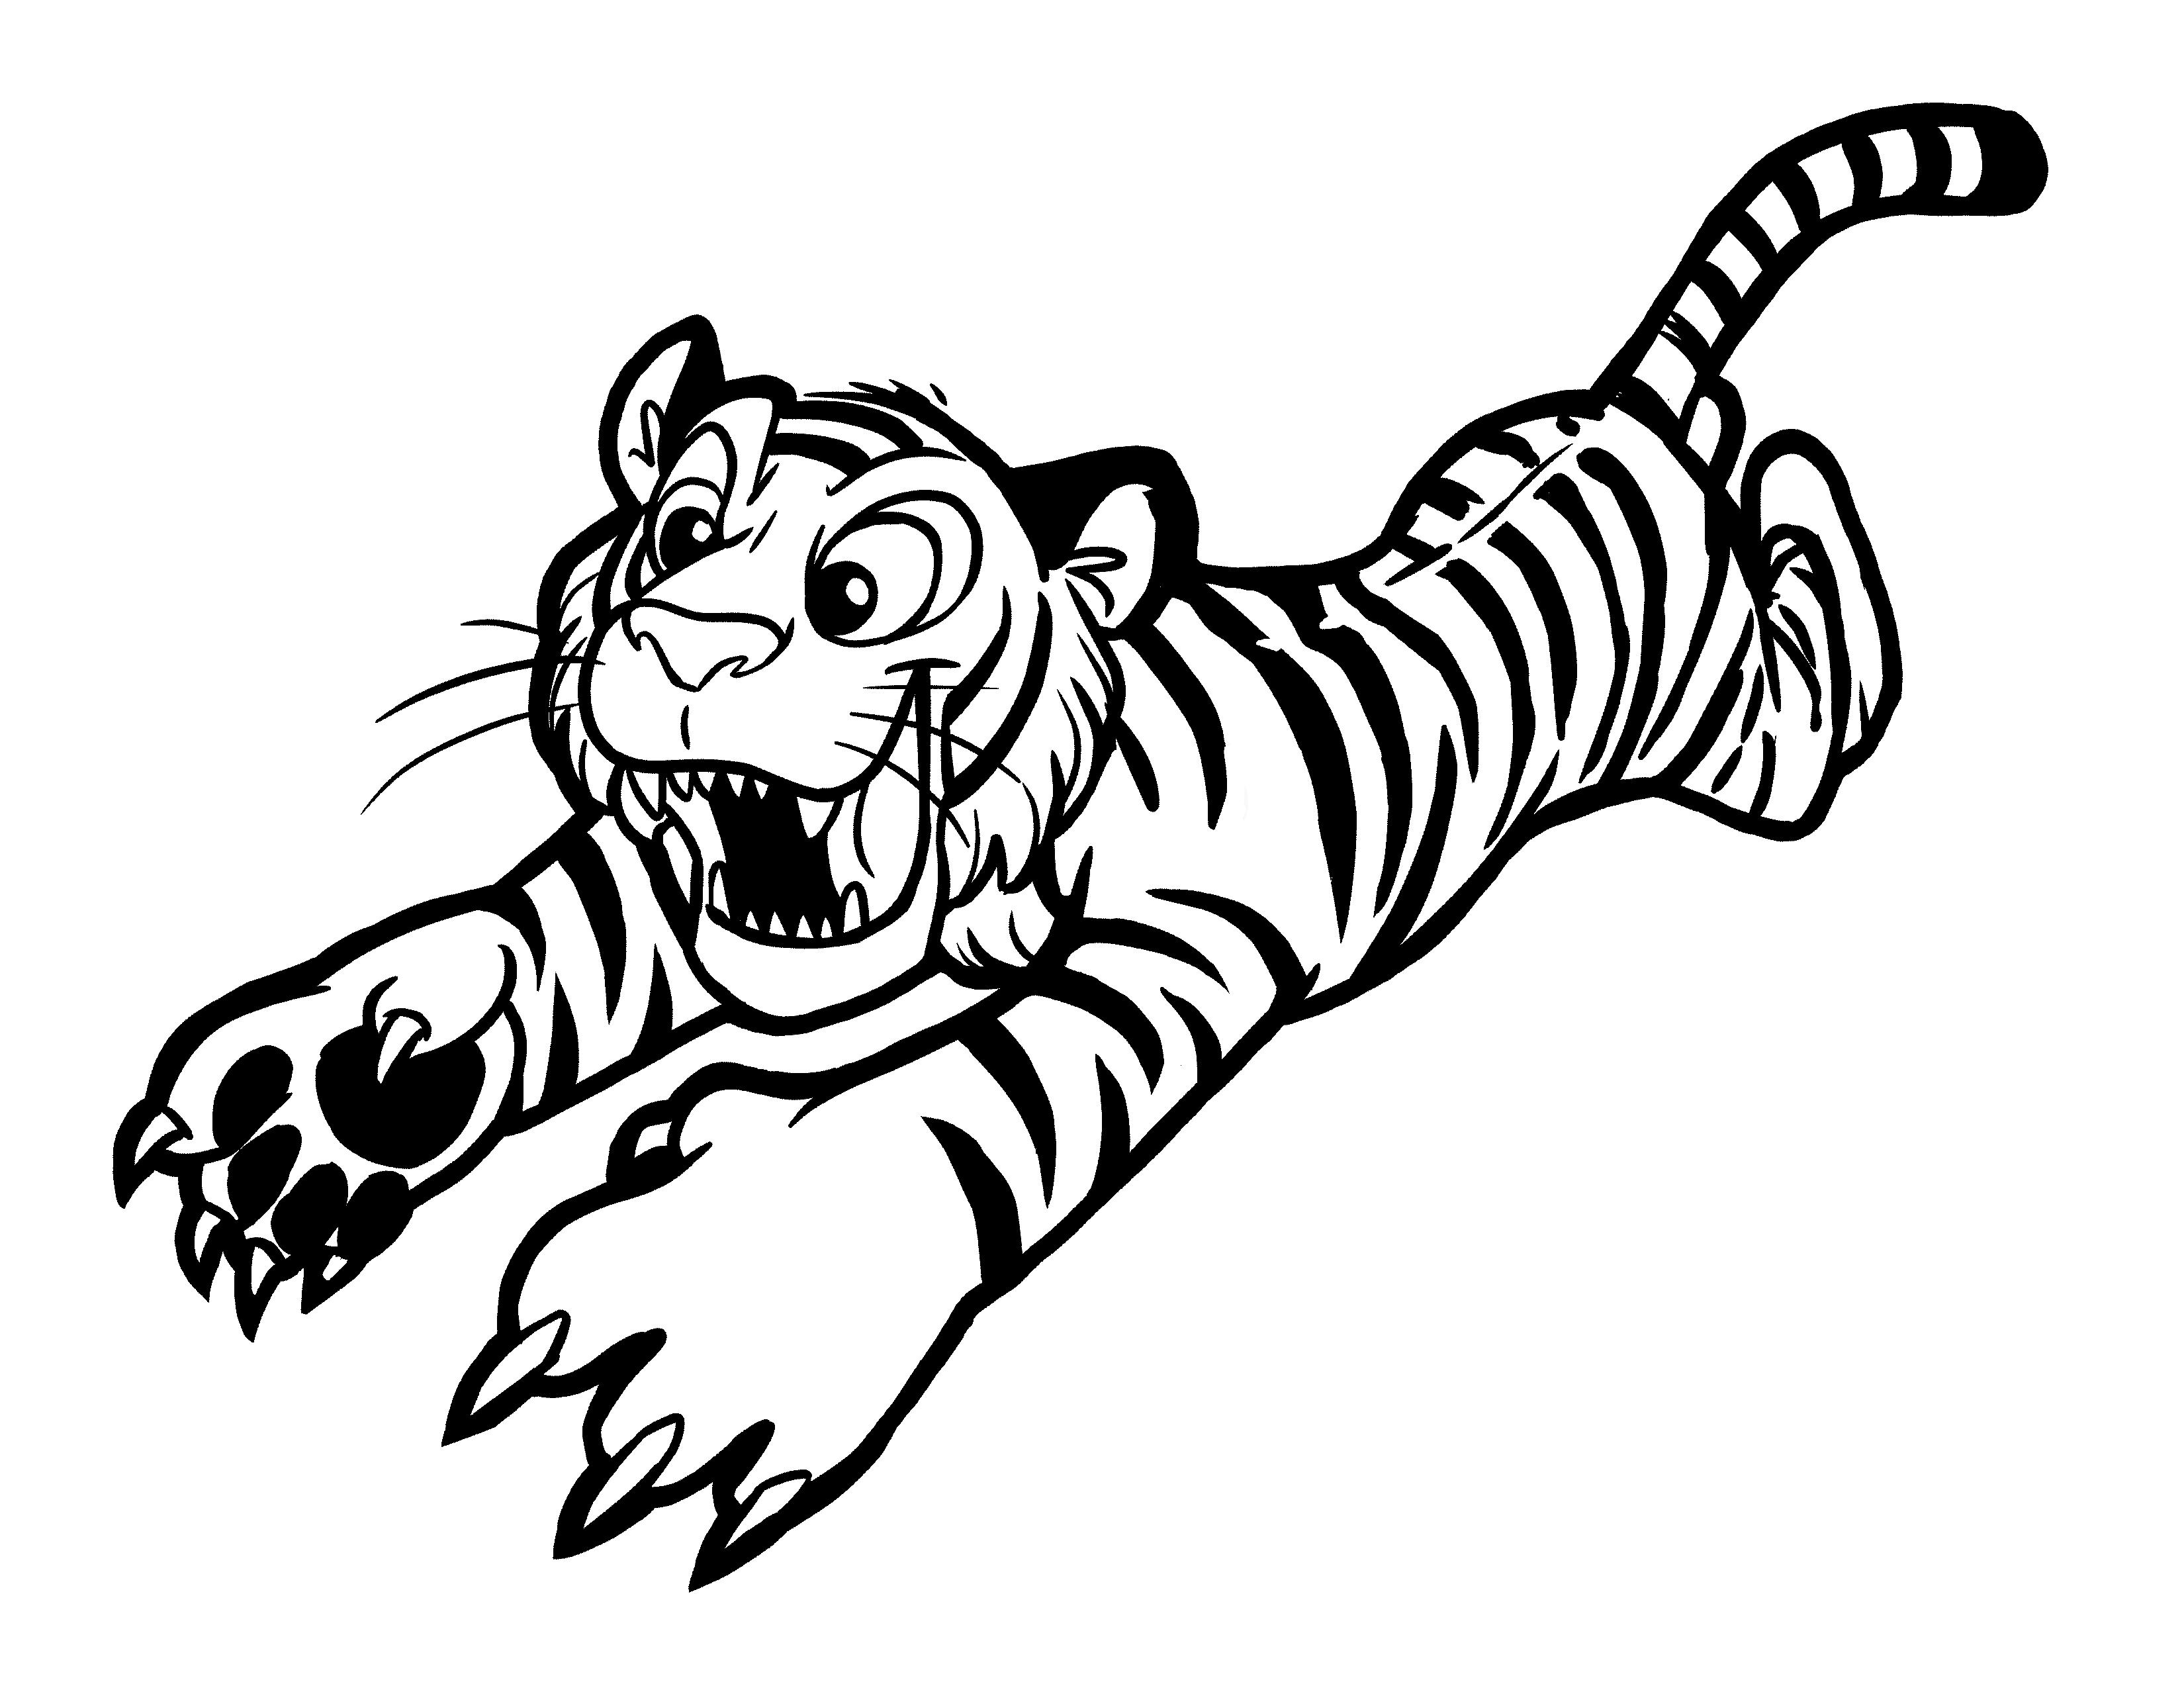 Tranh tô màu con hổ đang vồ tới